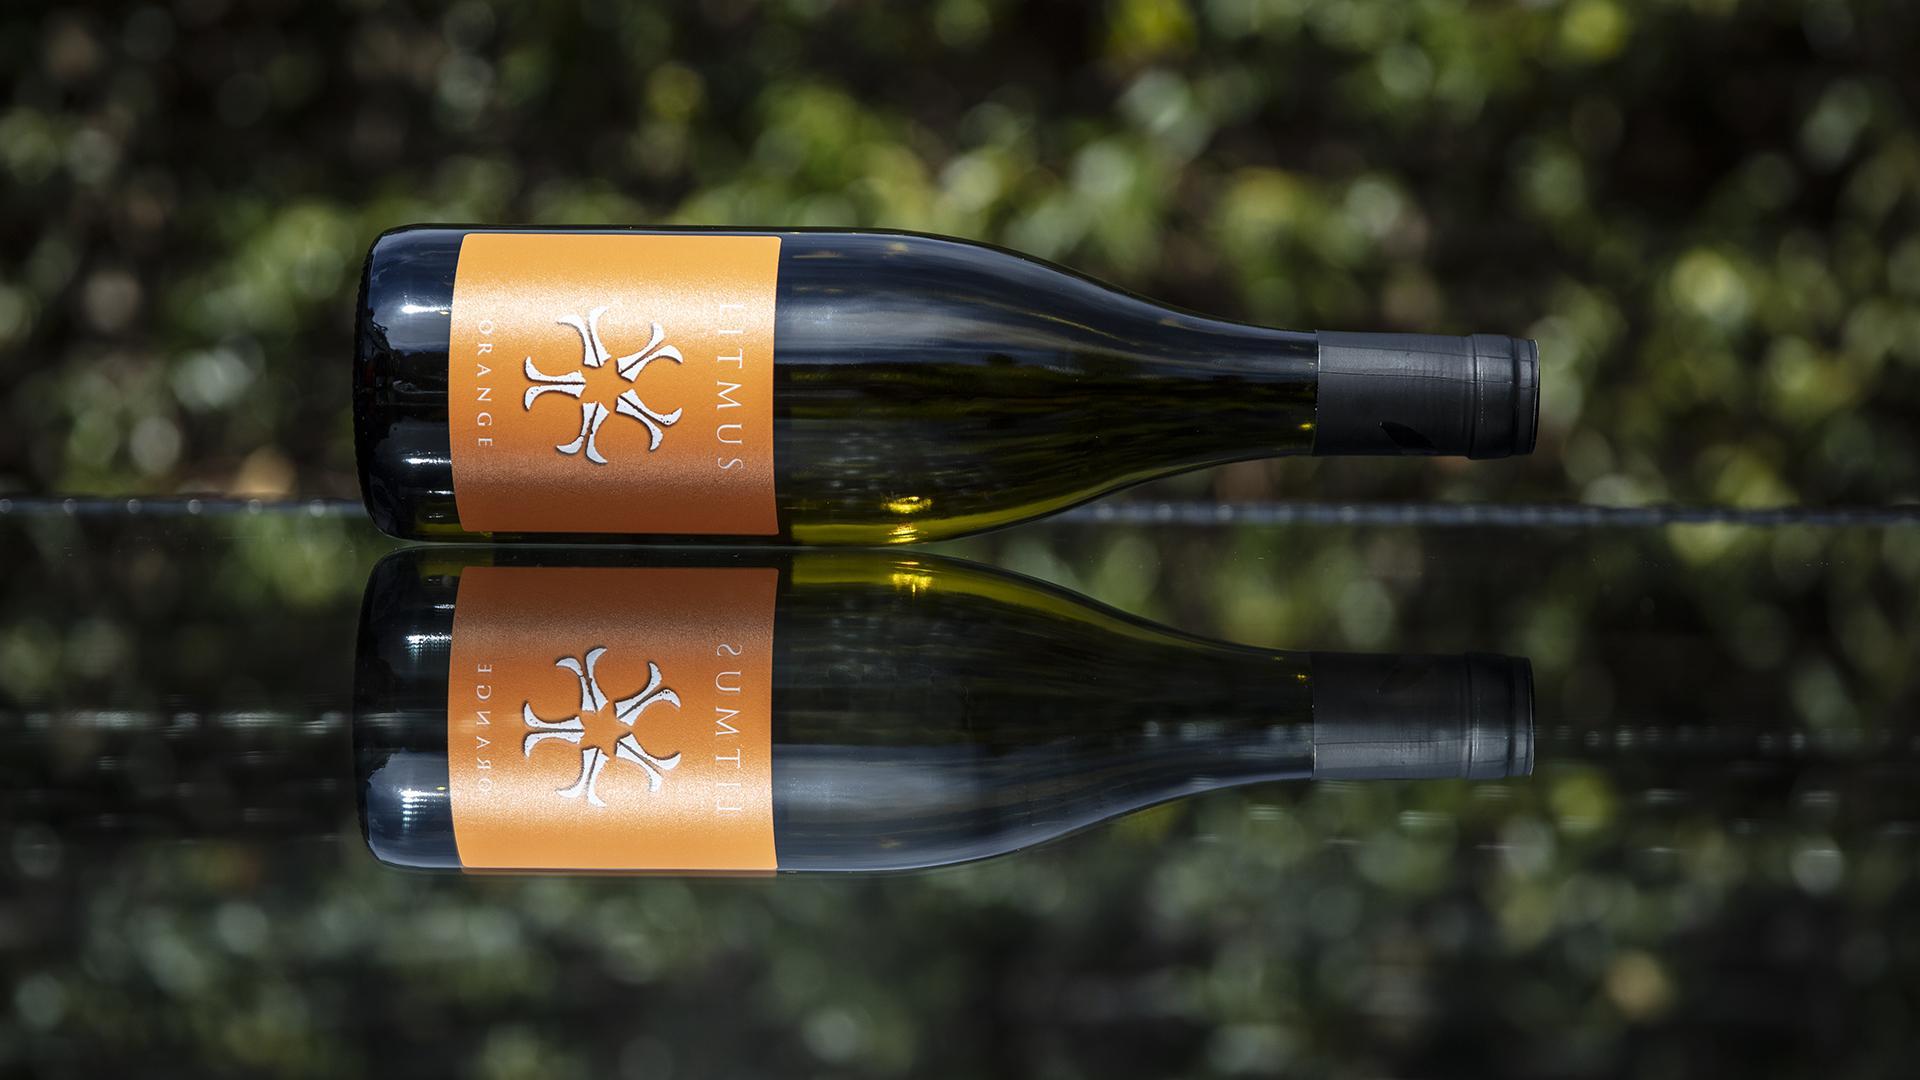 Litmus orange wine